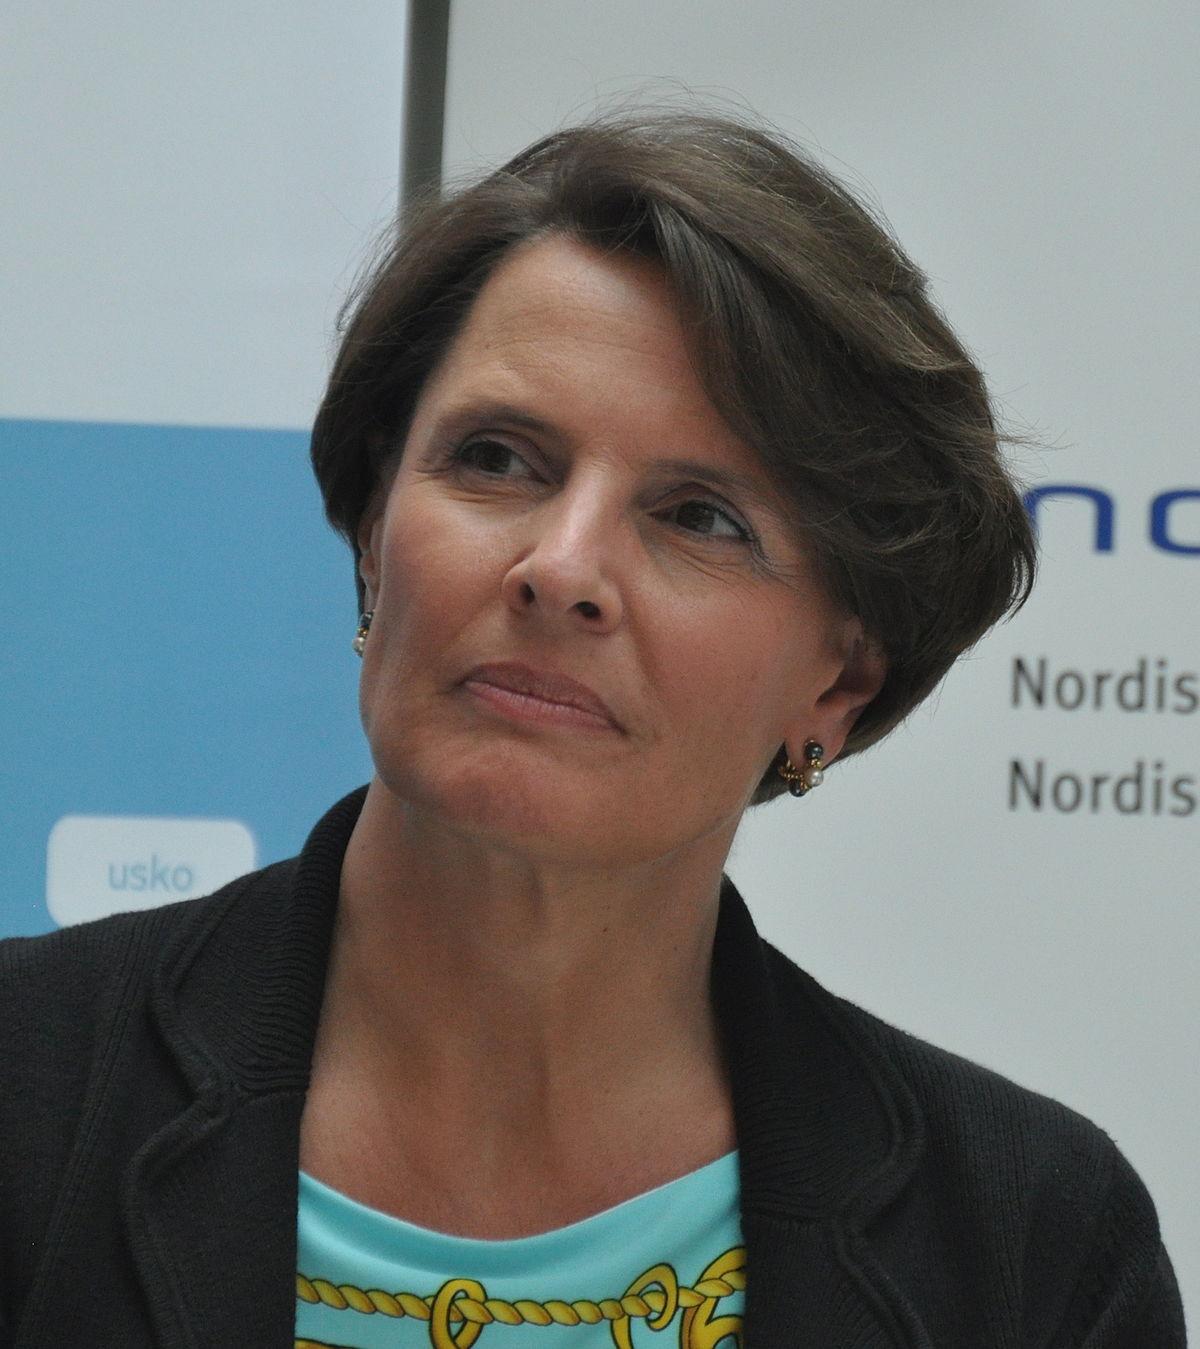 Anne Berner Wikipedia